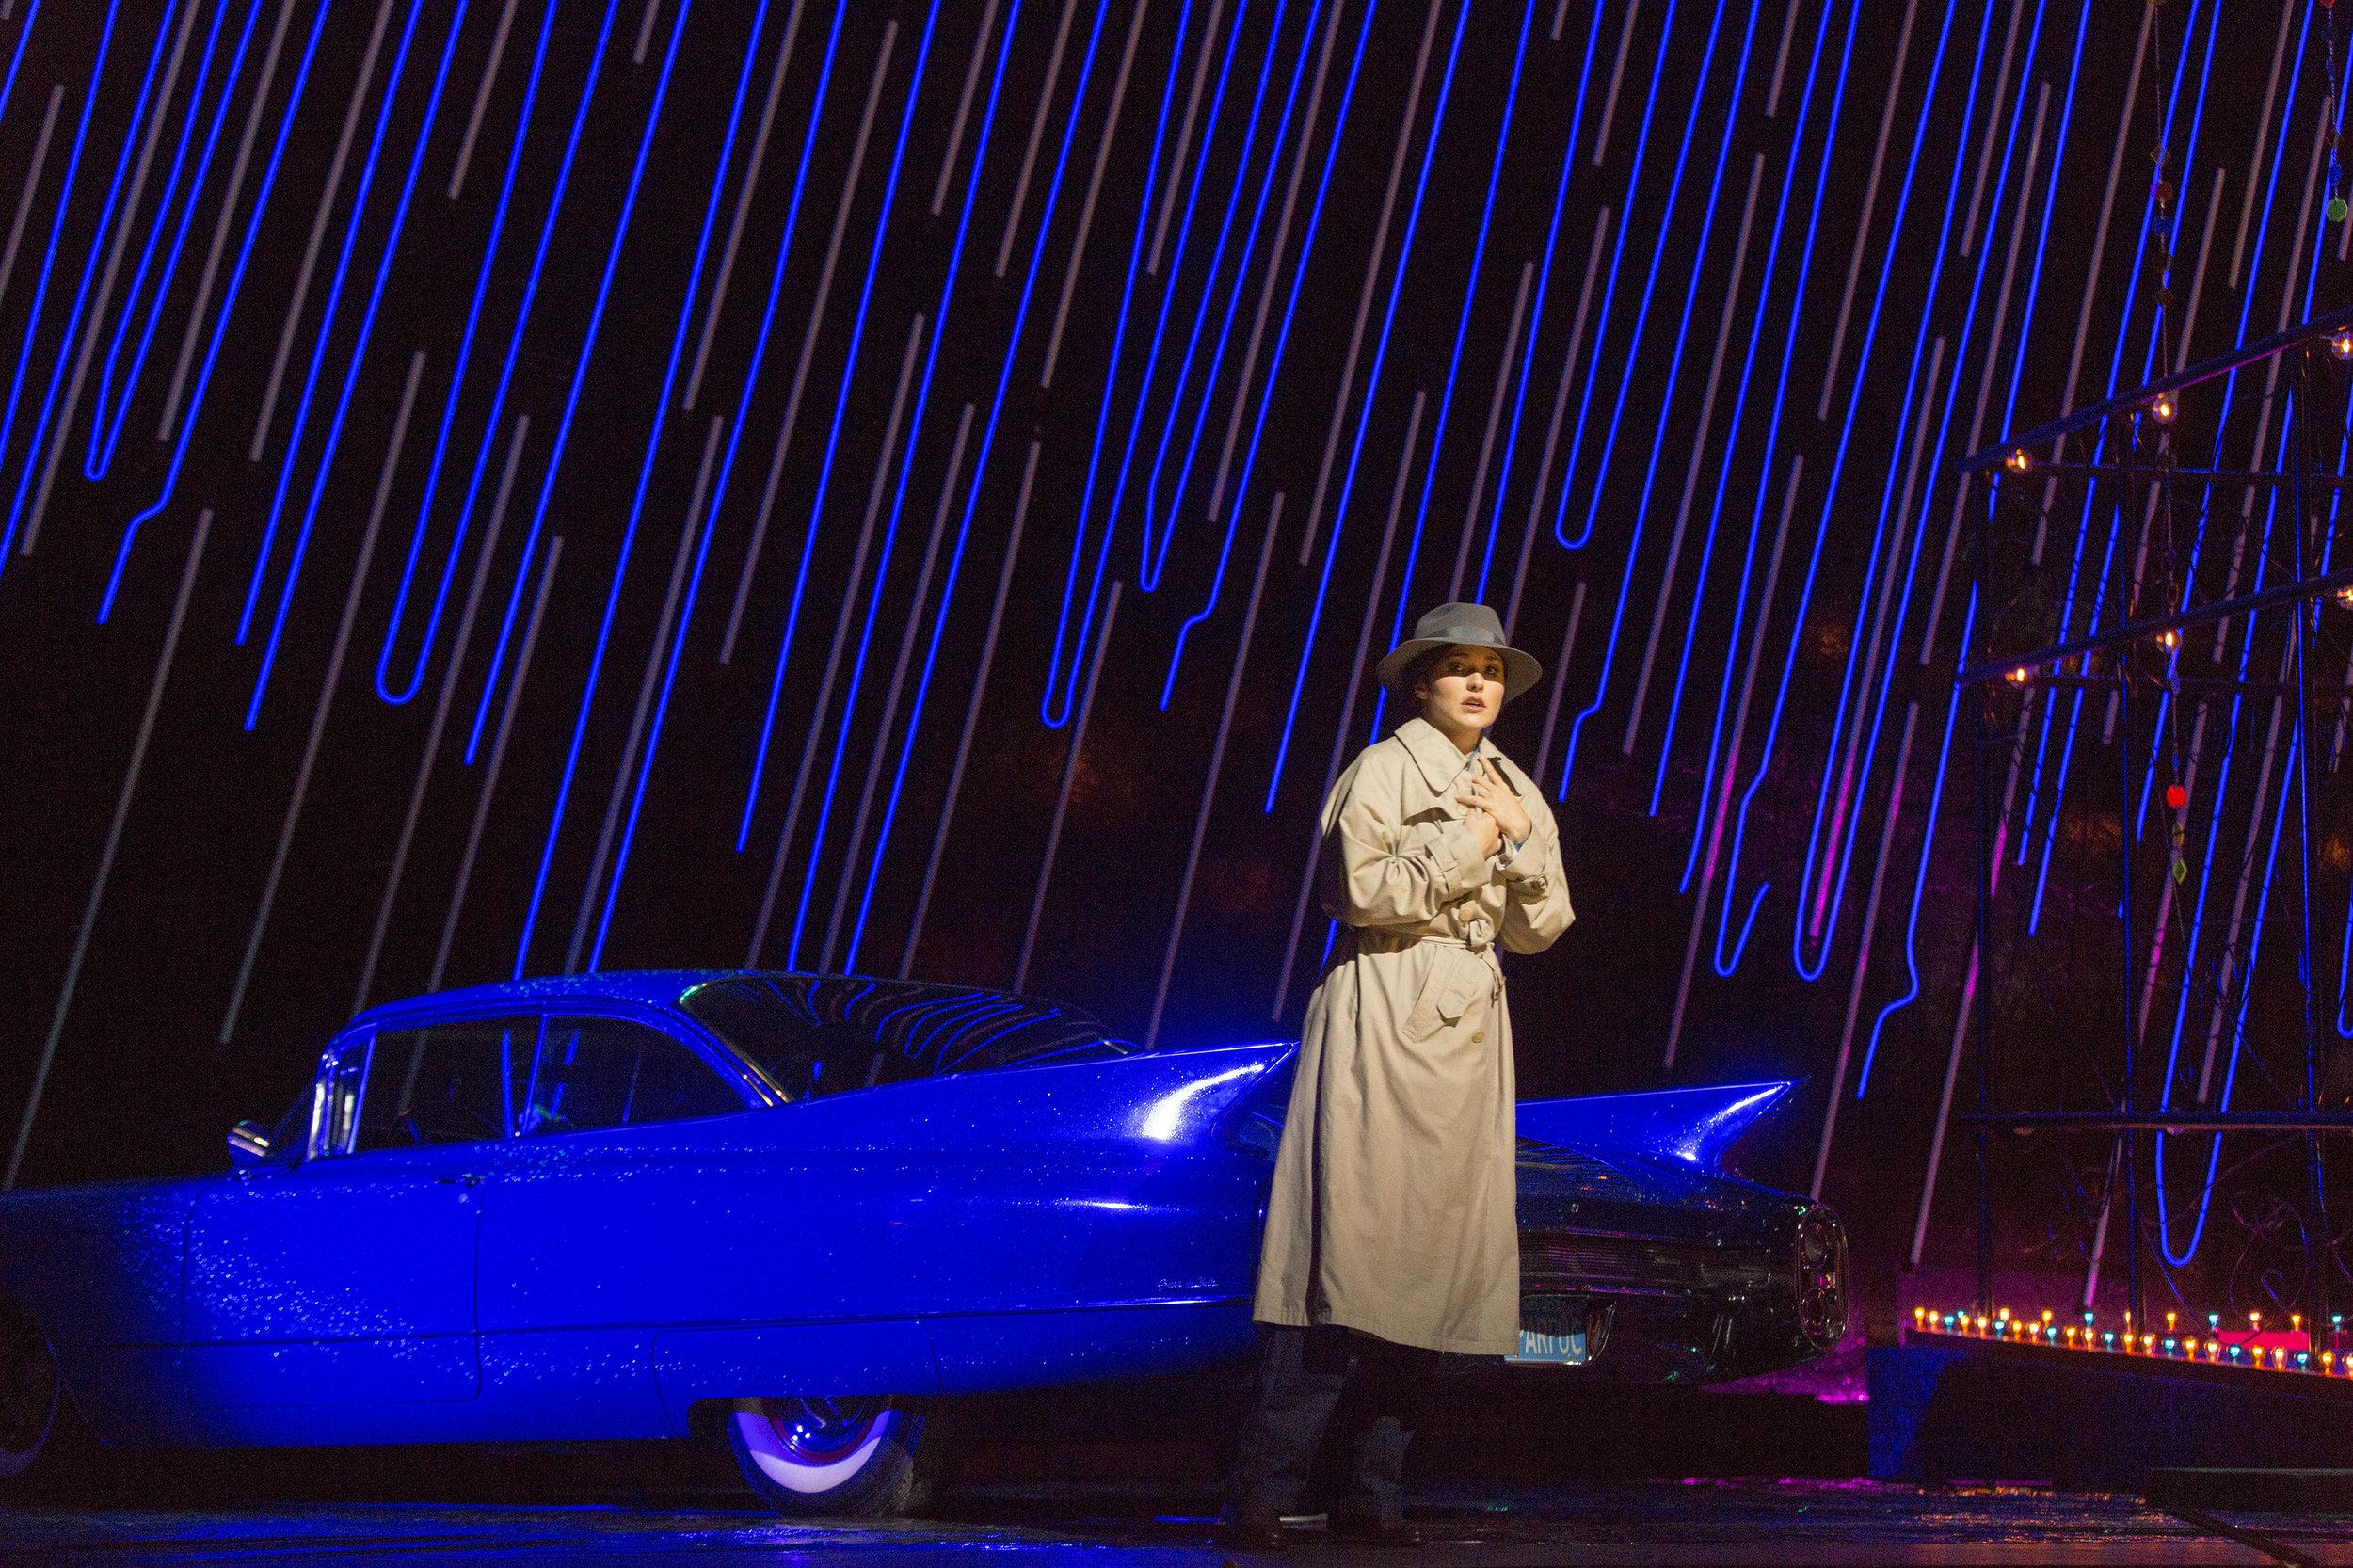 Olga Peretyatko as Gilda in Verdi's Rigoletto. Photo by Richard Termine/ Metropolitan Opera.